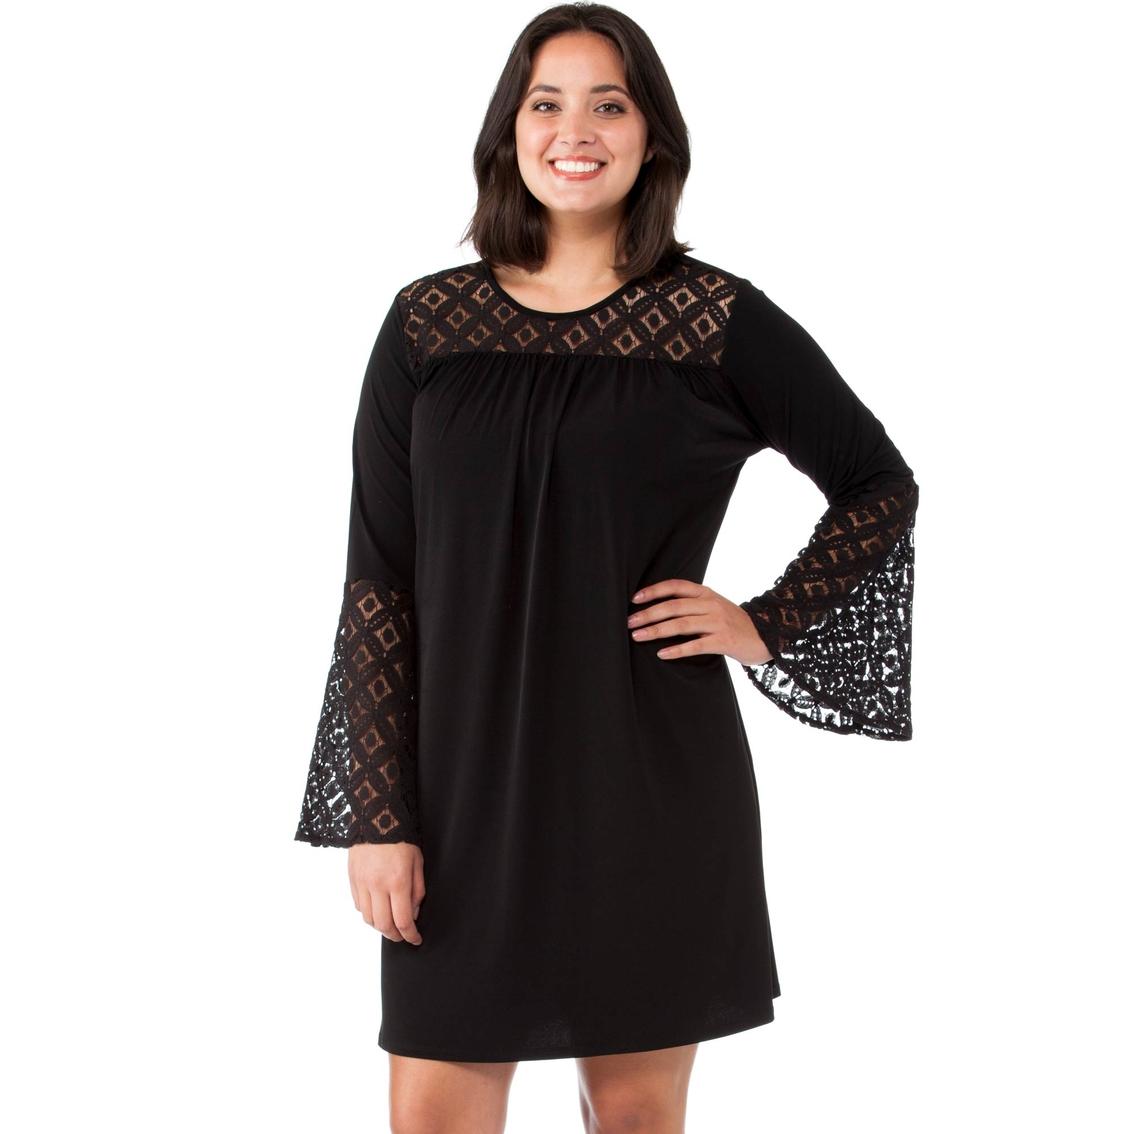 Michael Kors Plus Size Lace Insert Dress | Dresses | Apparel | Shop ...